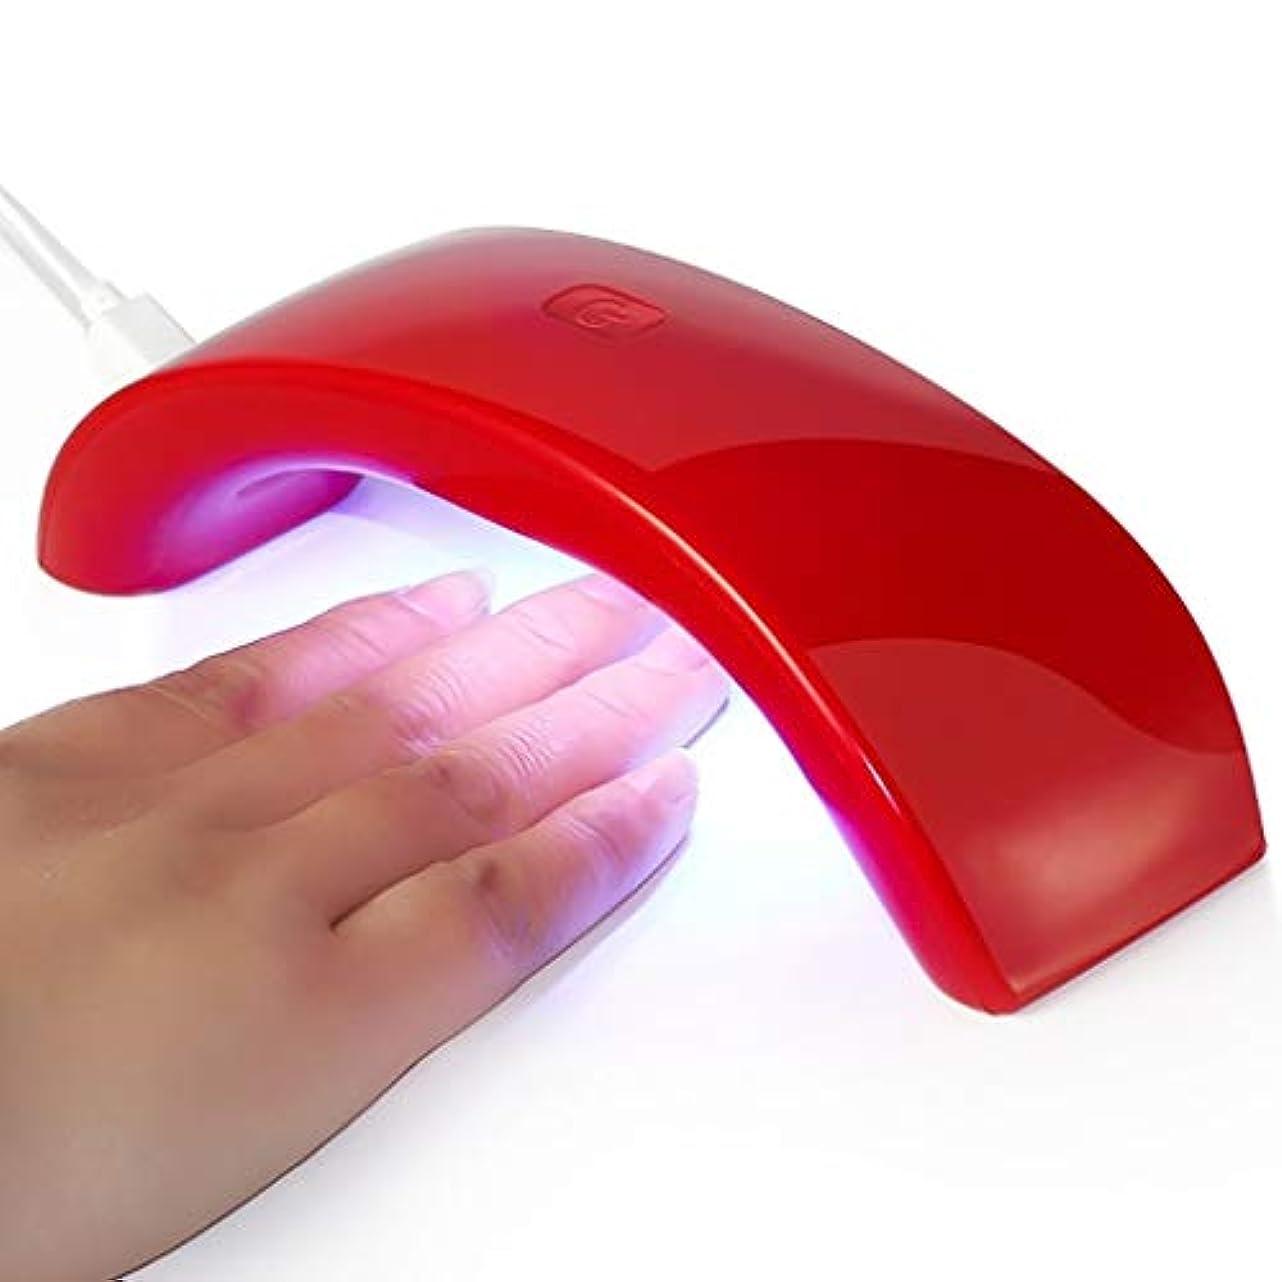 彼ら用心するマトリックスLedネイルランプuvネイルツール光線療法機12ワットネイルドライヤーusbポータブルミニネイルランプ